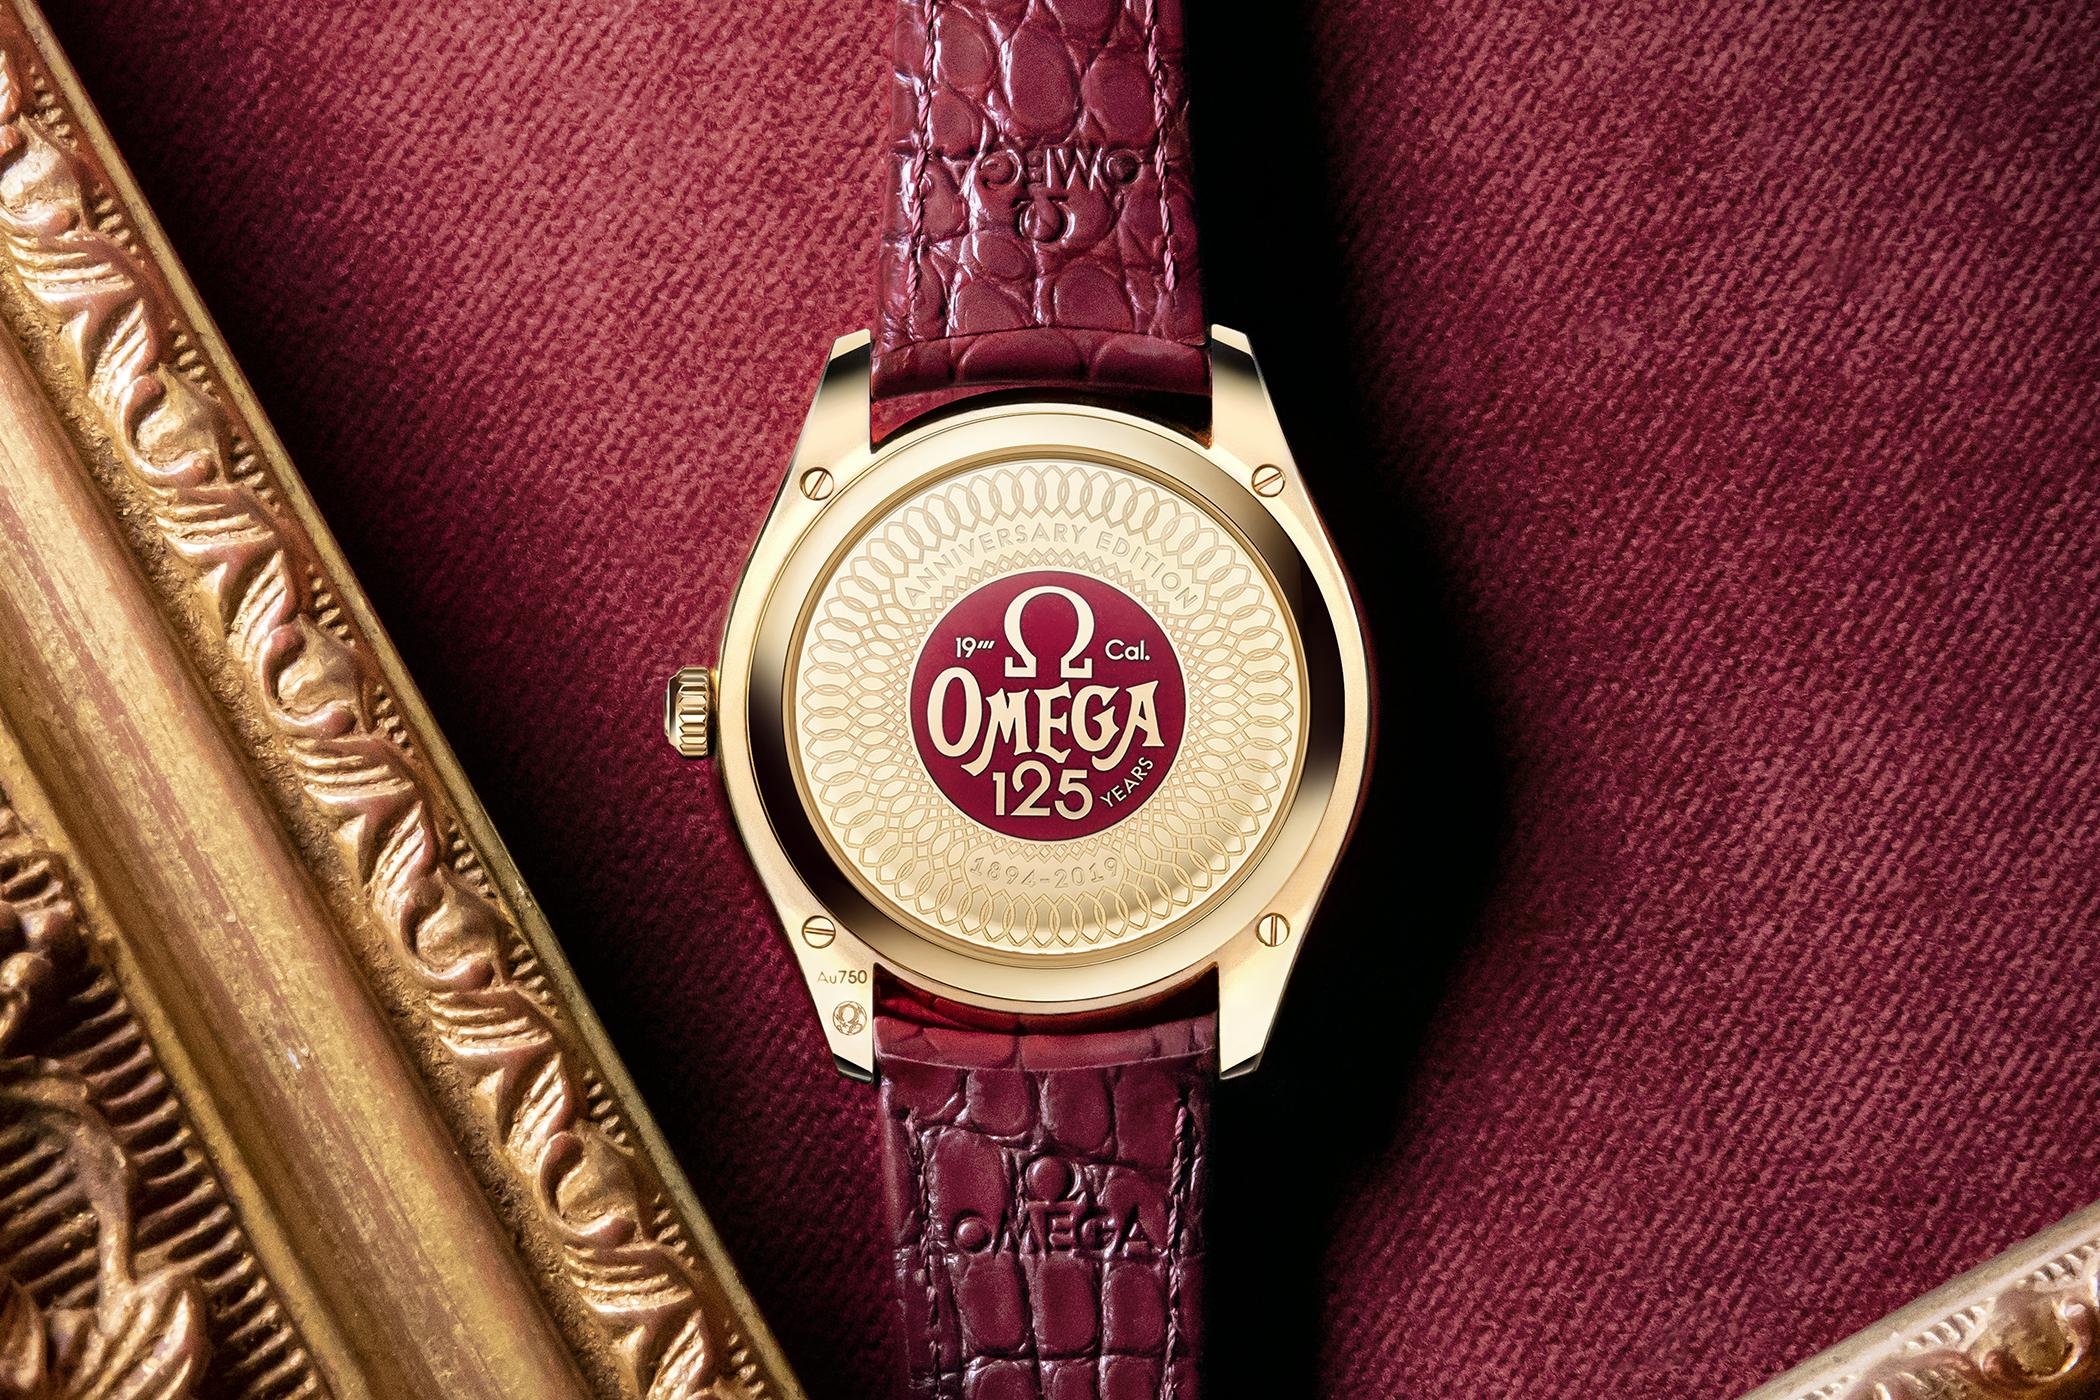 Omega De Ville Treso 125th anniversy edition 435.53.40.21.11.001 - 2